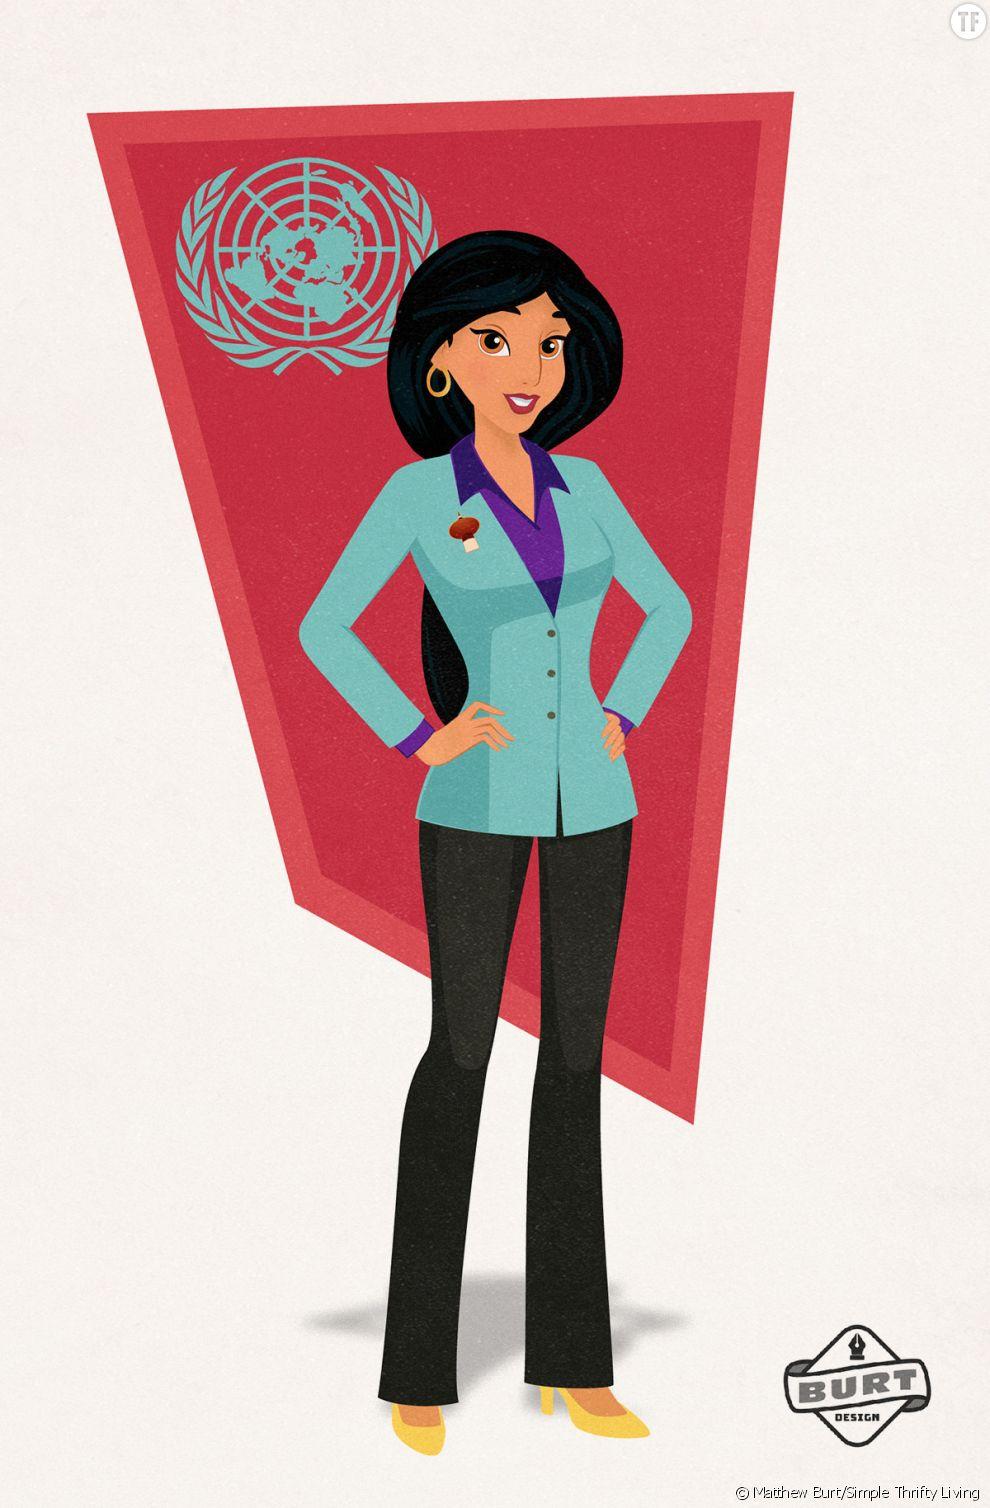 Jasmine est devenu ambassadrice à l'ONU pour son pays d'Agrabah